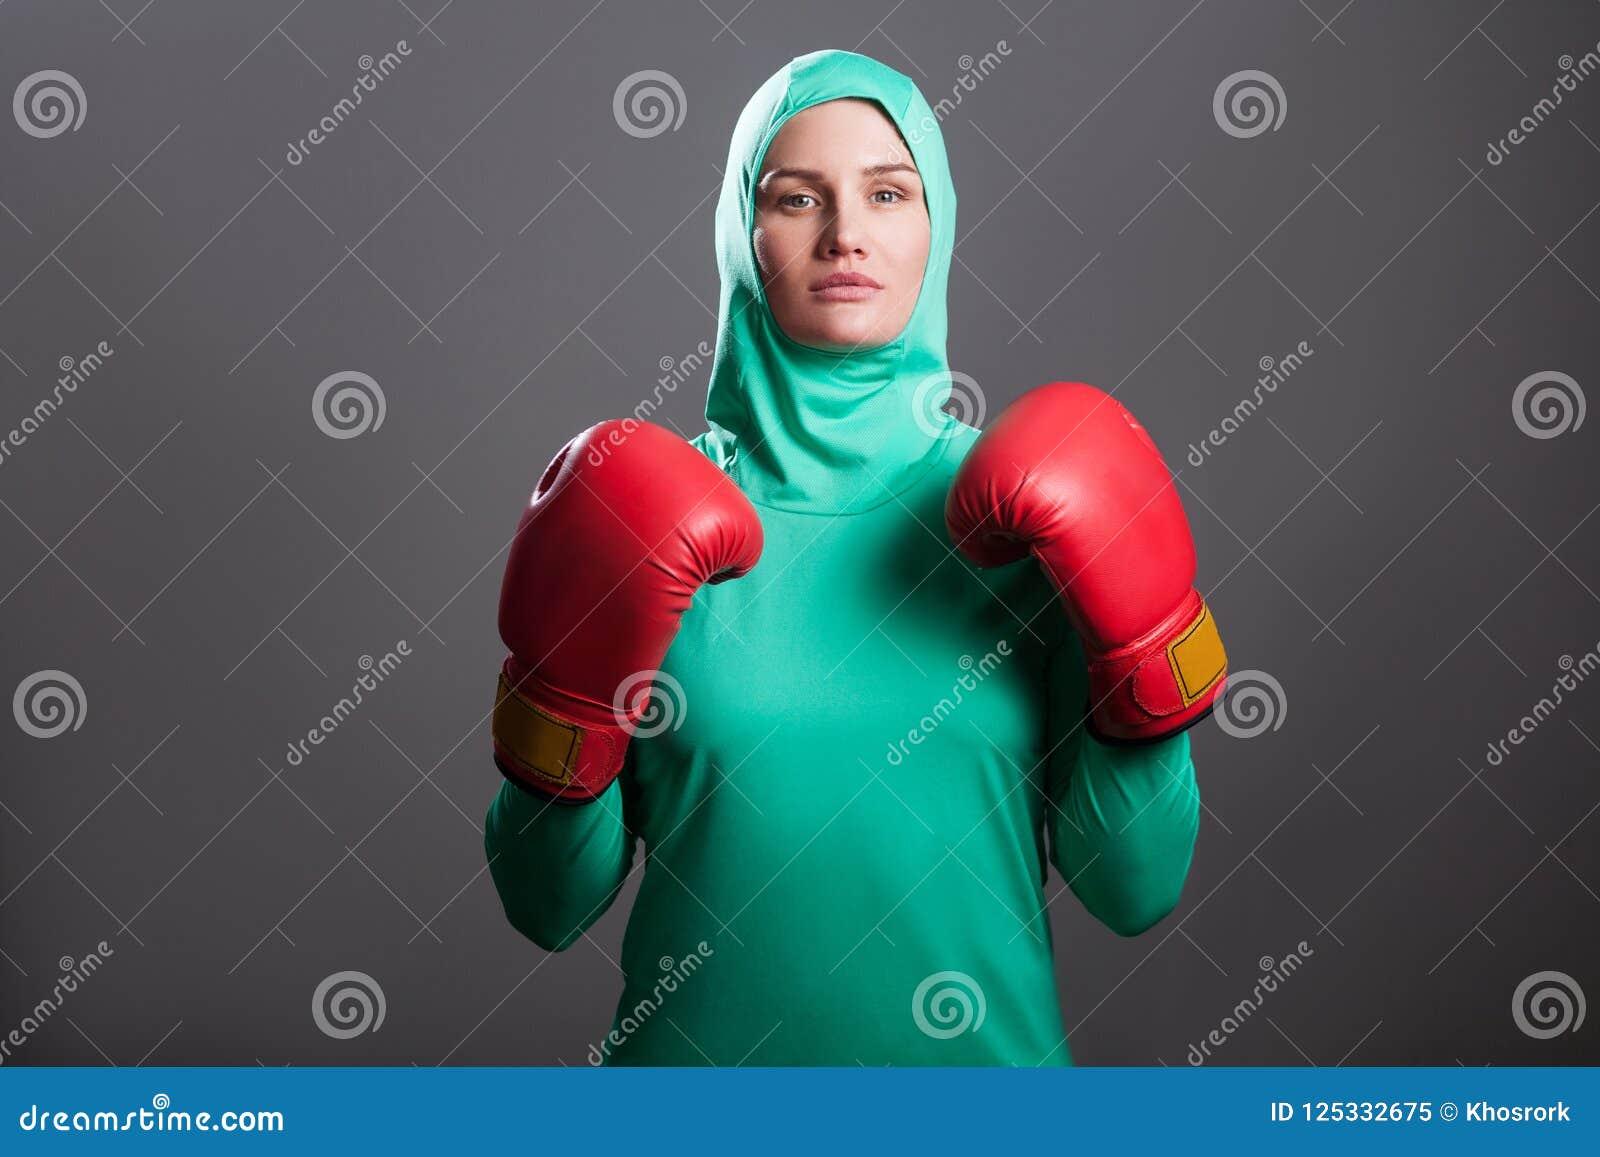 Pour ou contre le hijab de sport de Decathlon ? - Page 3 Femme-musulmane-d-athl%C3%A8te-s%C3%A9rieux-de-boxe-en-hijab-vert-ou-ps-islamique-125332675